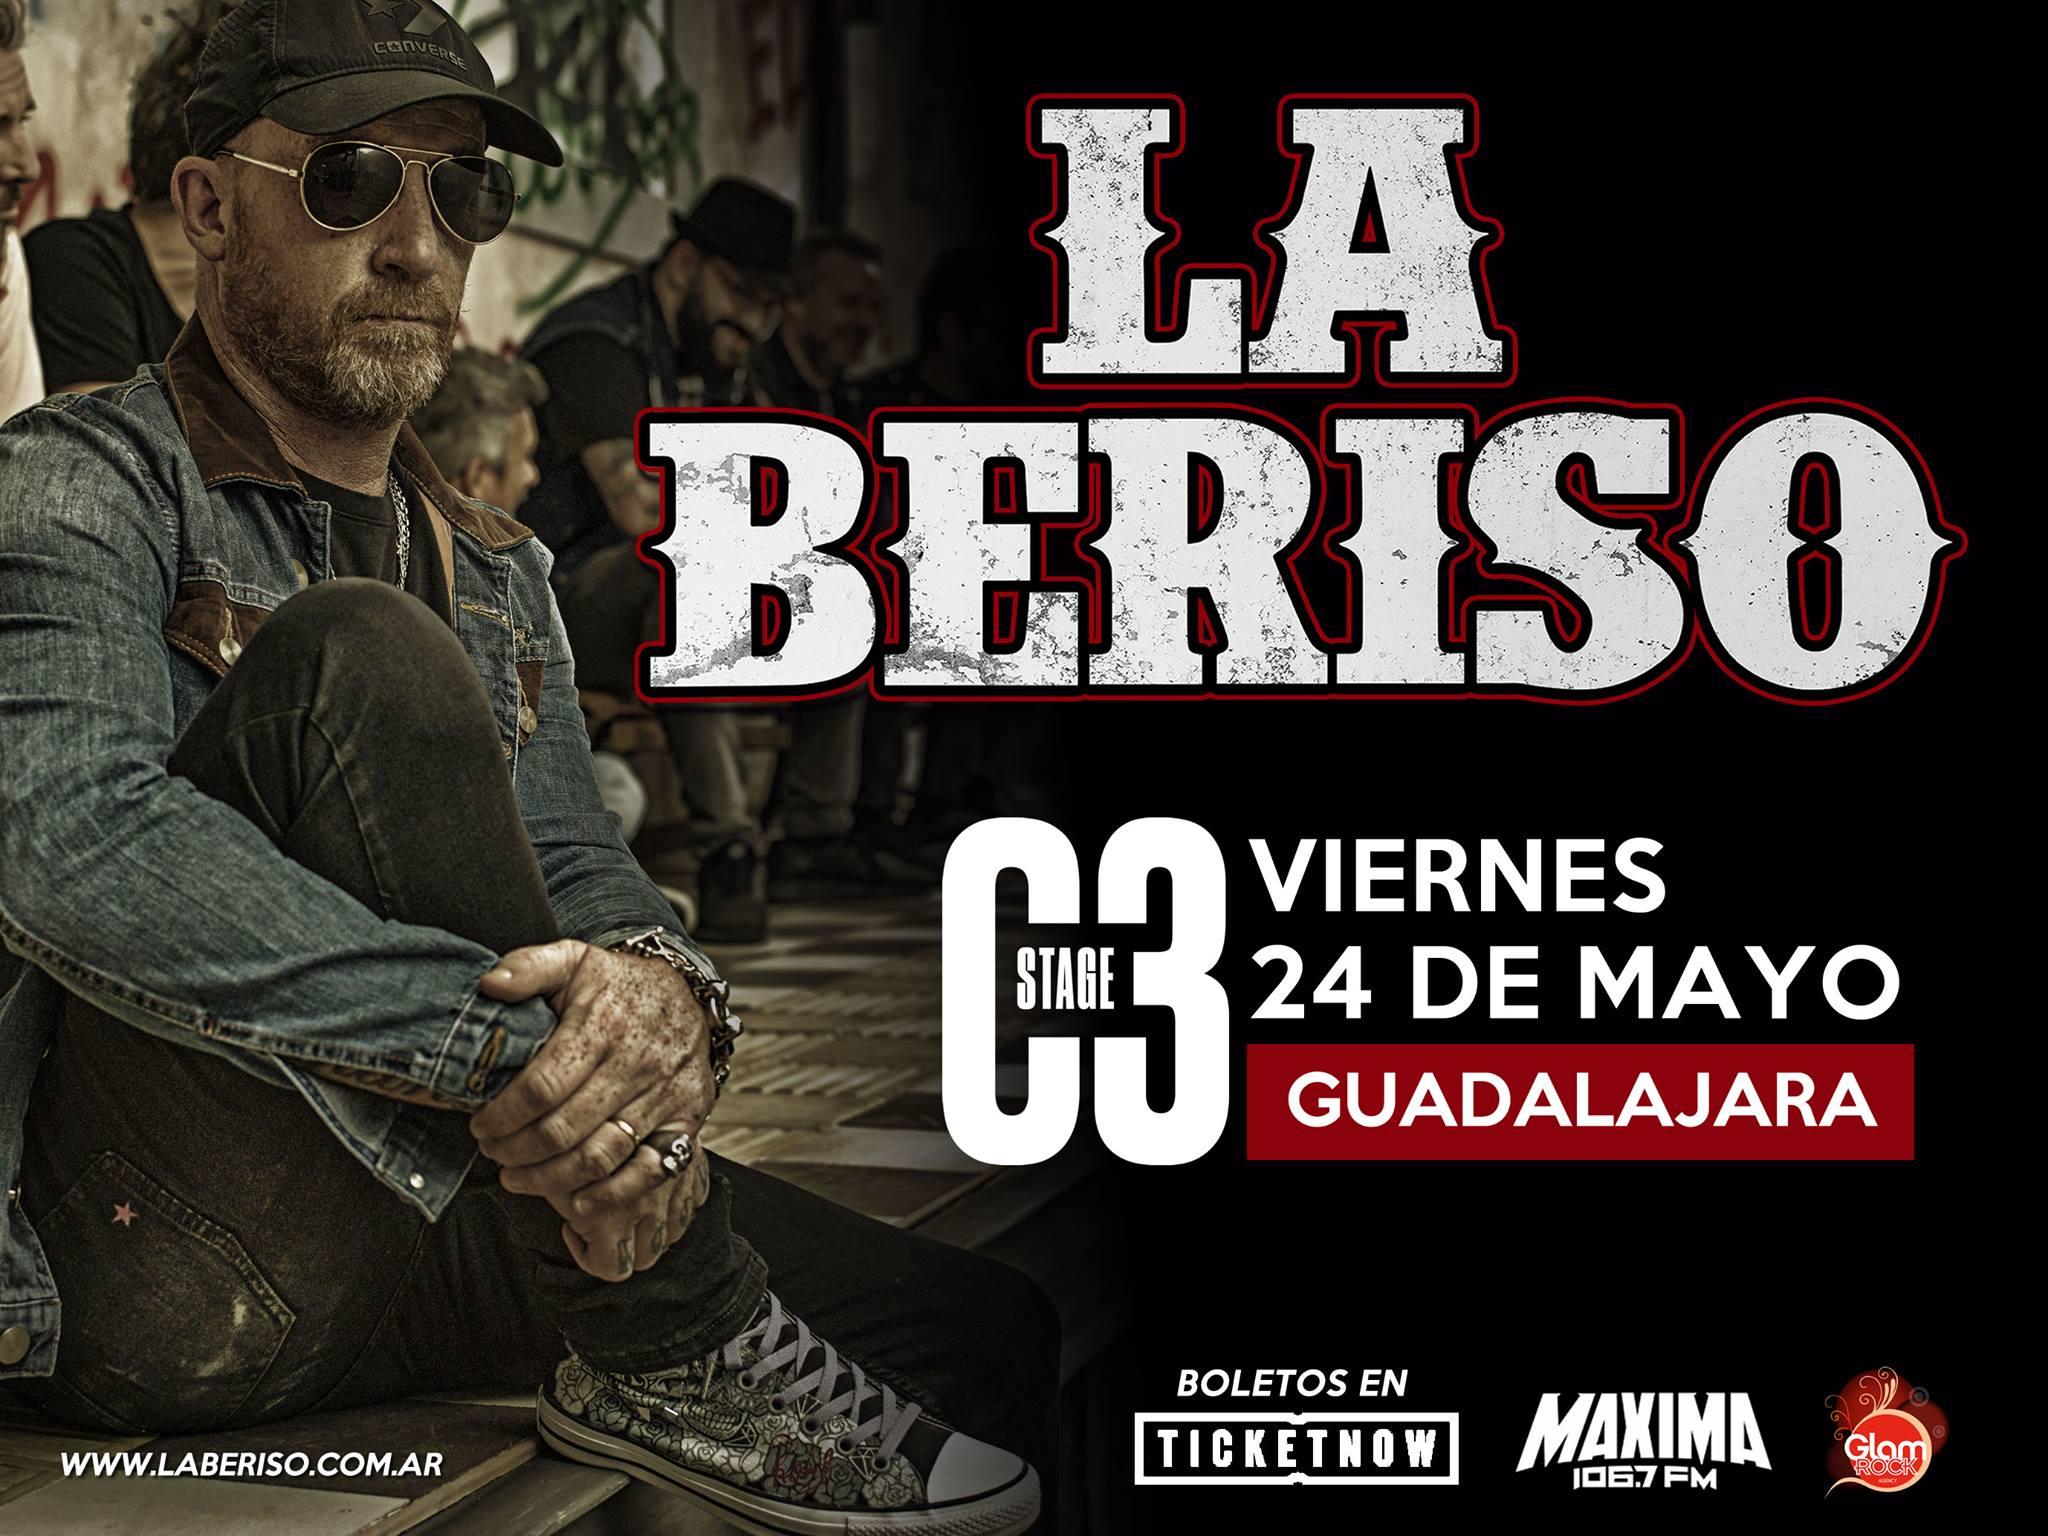 La Beriso en Guadalajara!